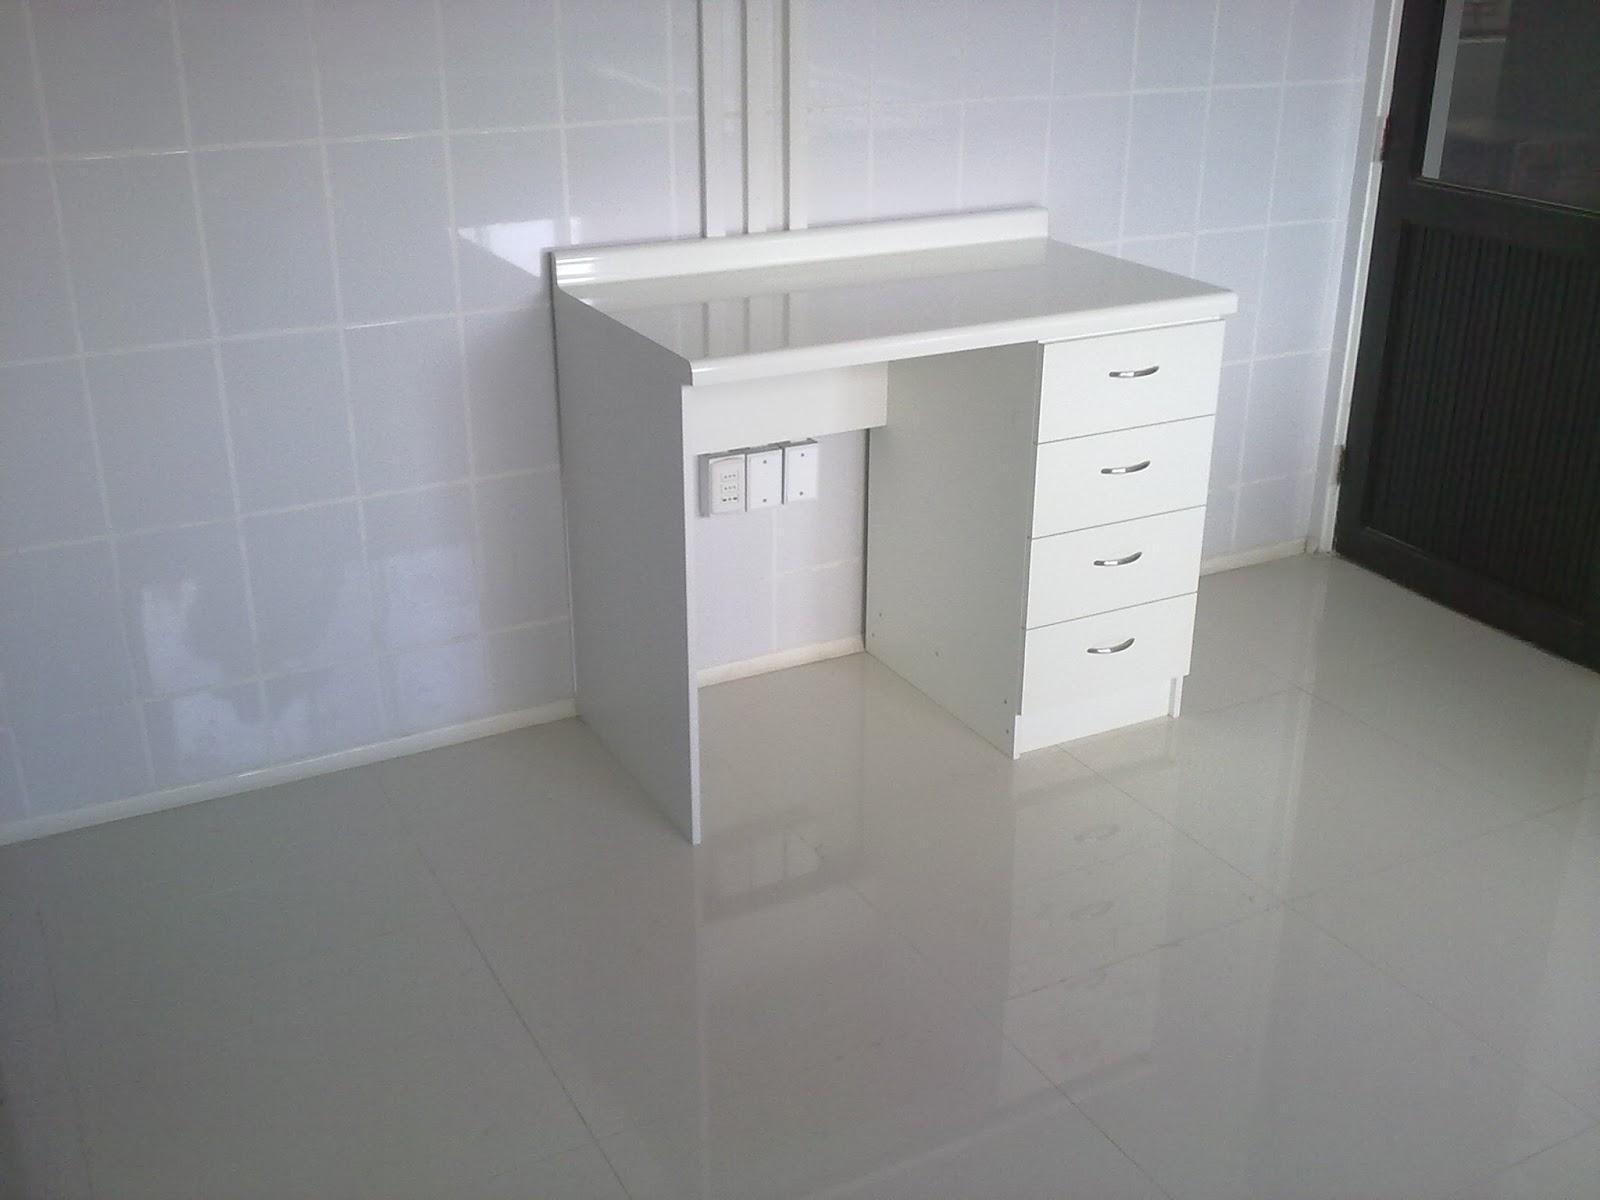 imagenes muebles de oficina - Muebles Fotos y Vectores gratis Freepik